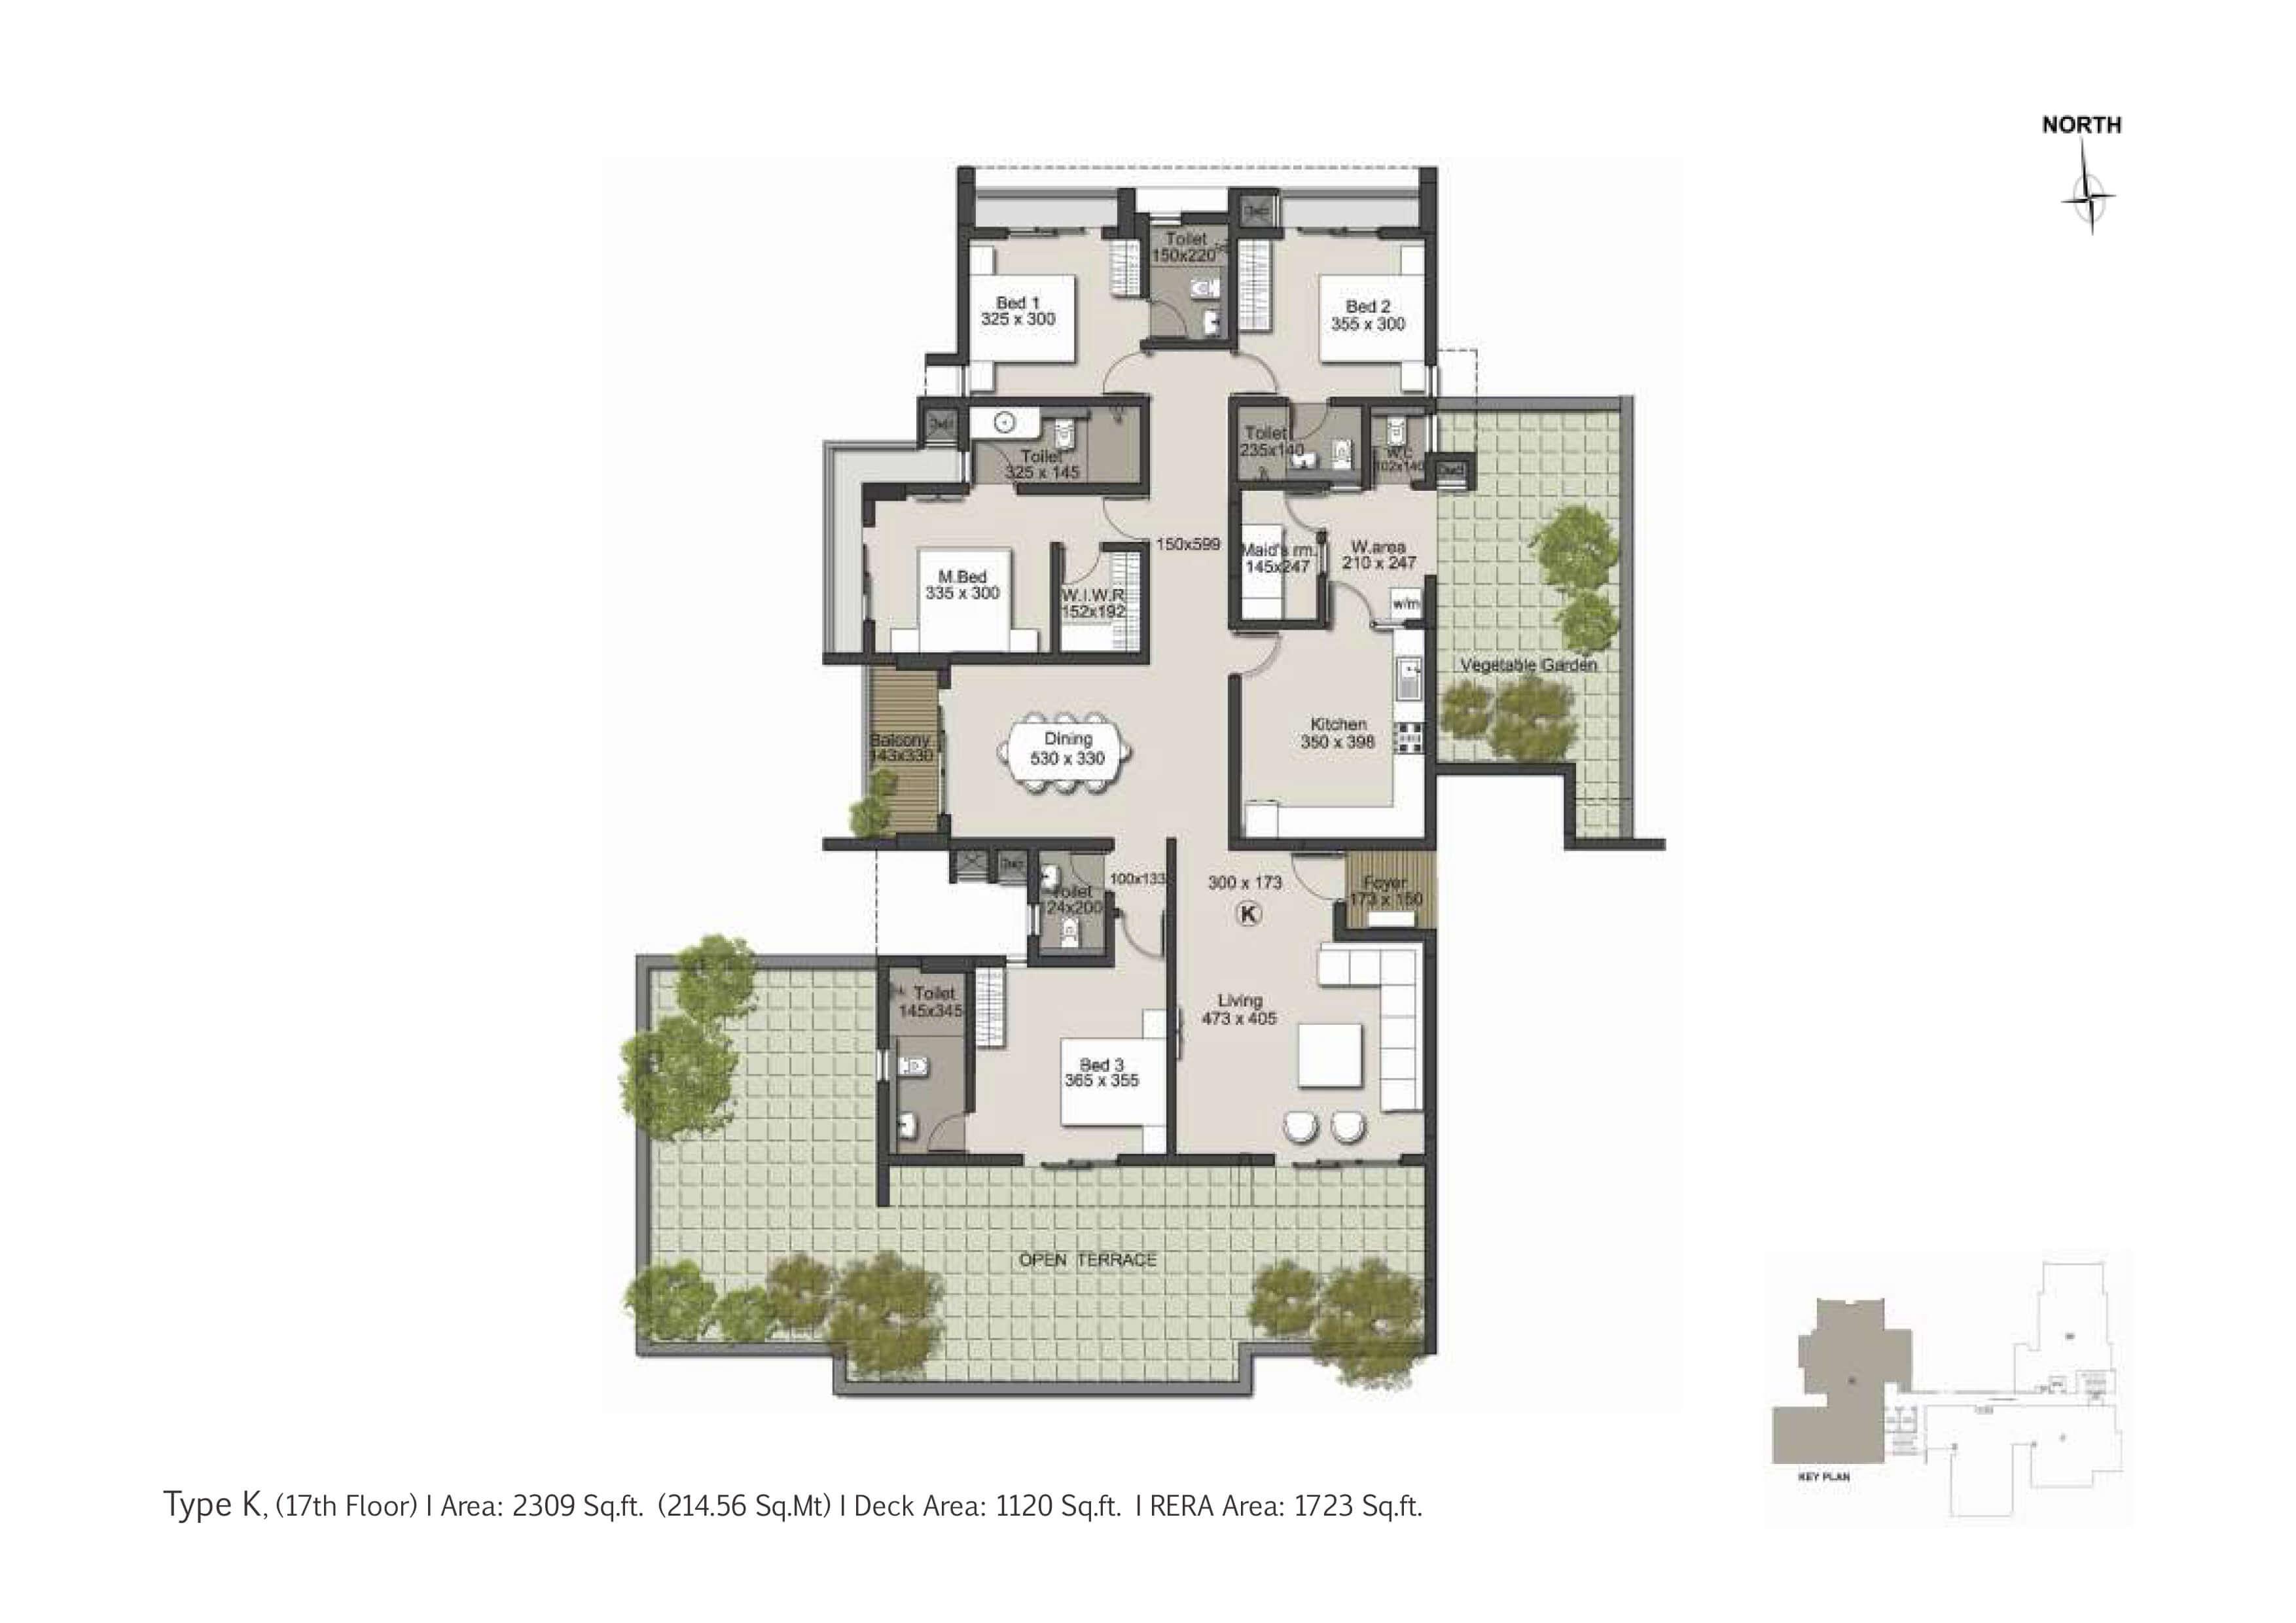 Type K Floor Plan